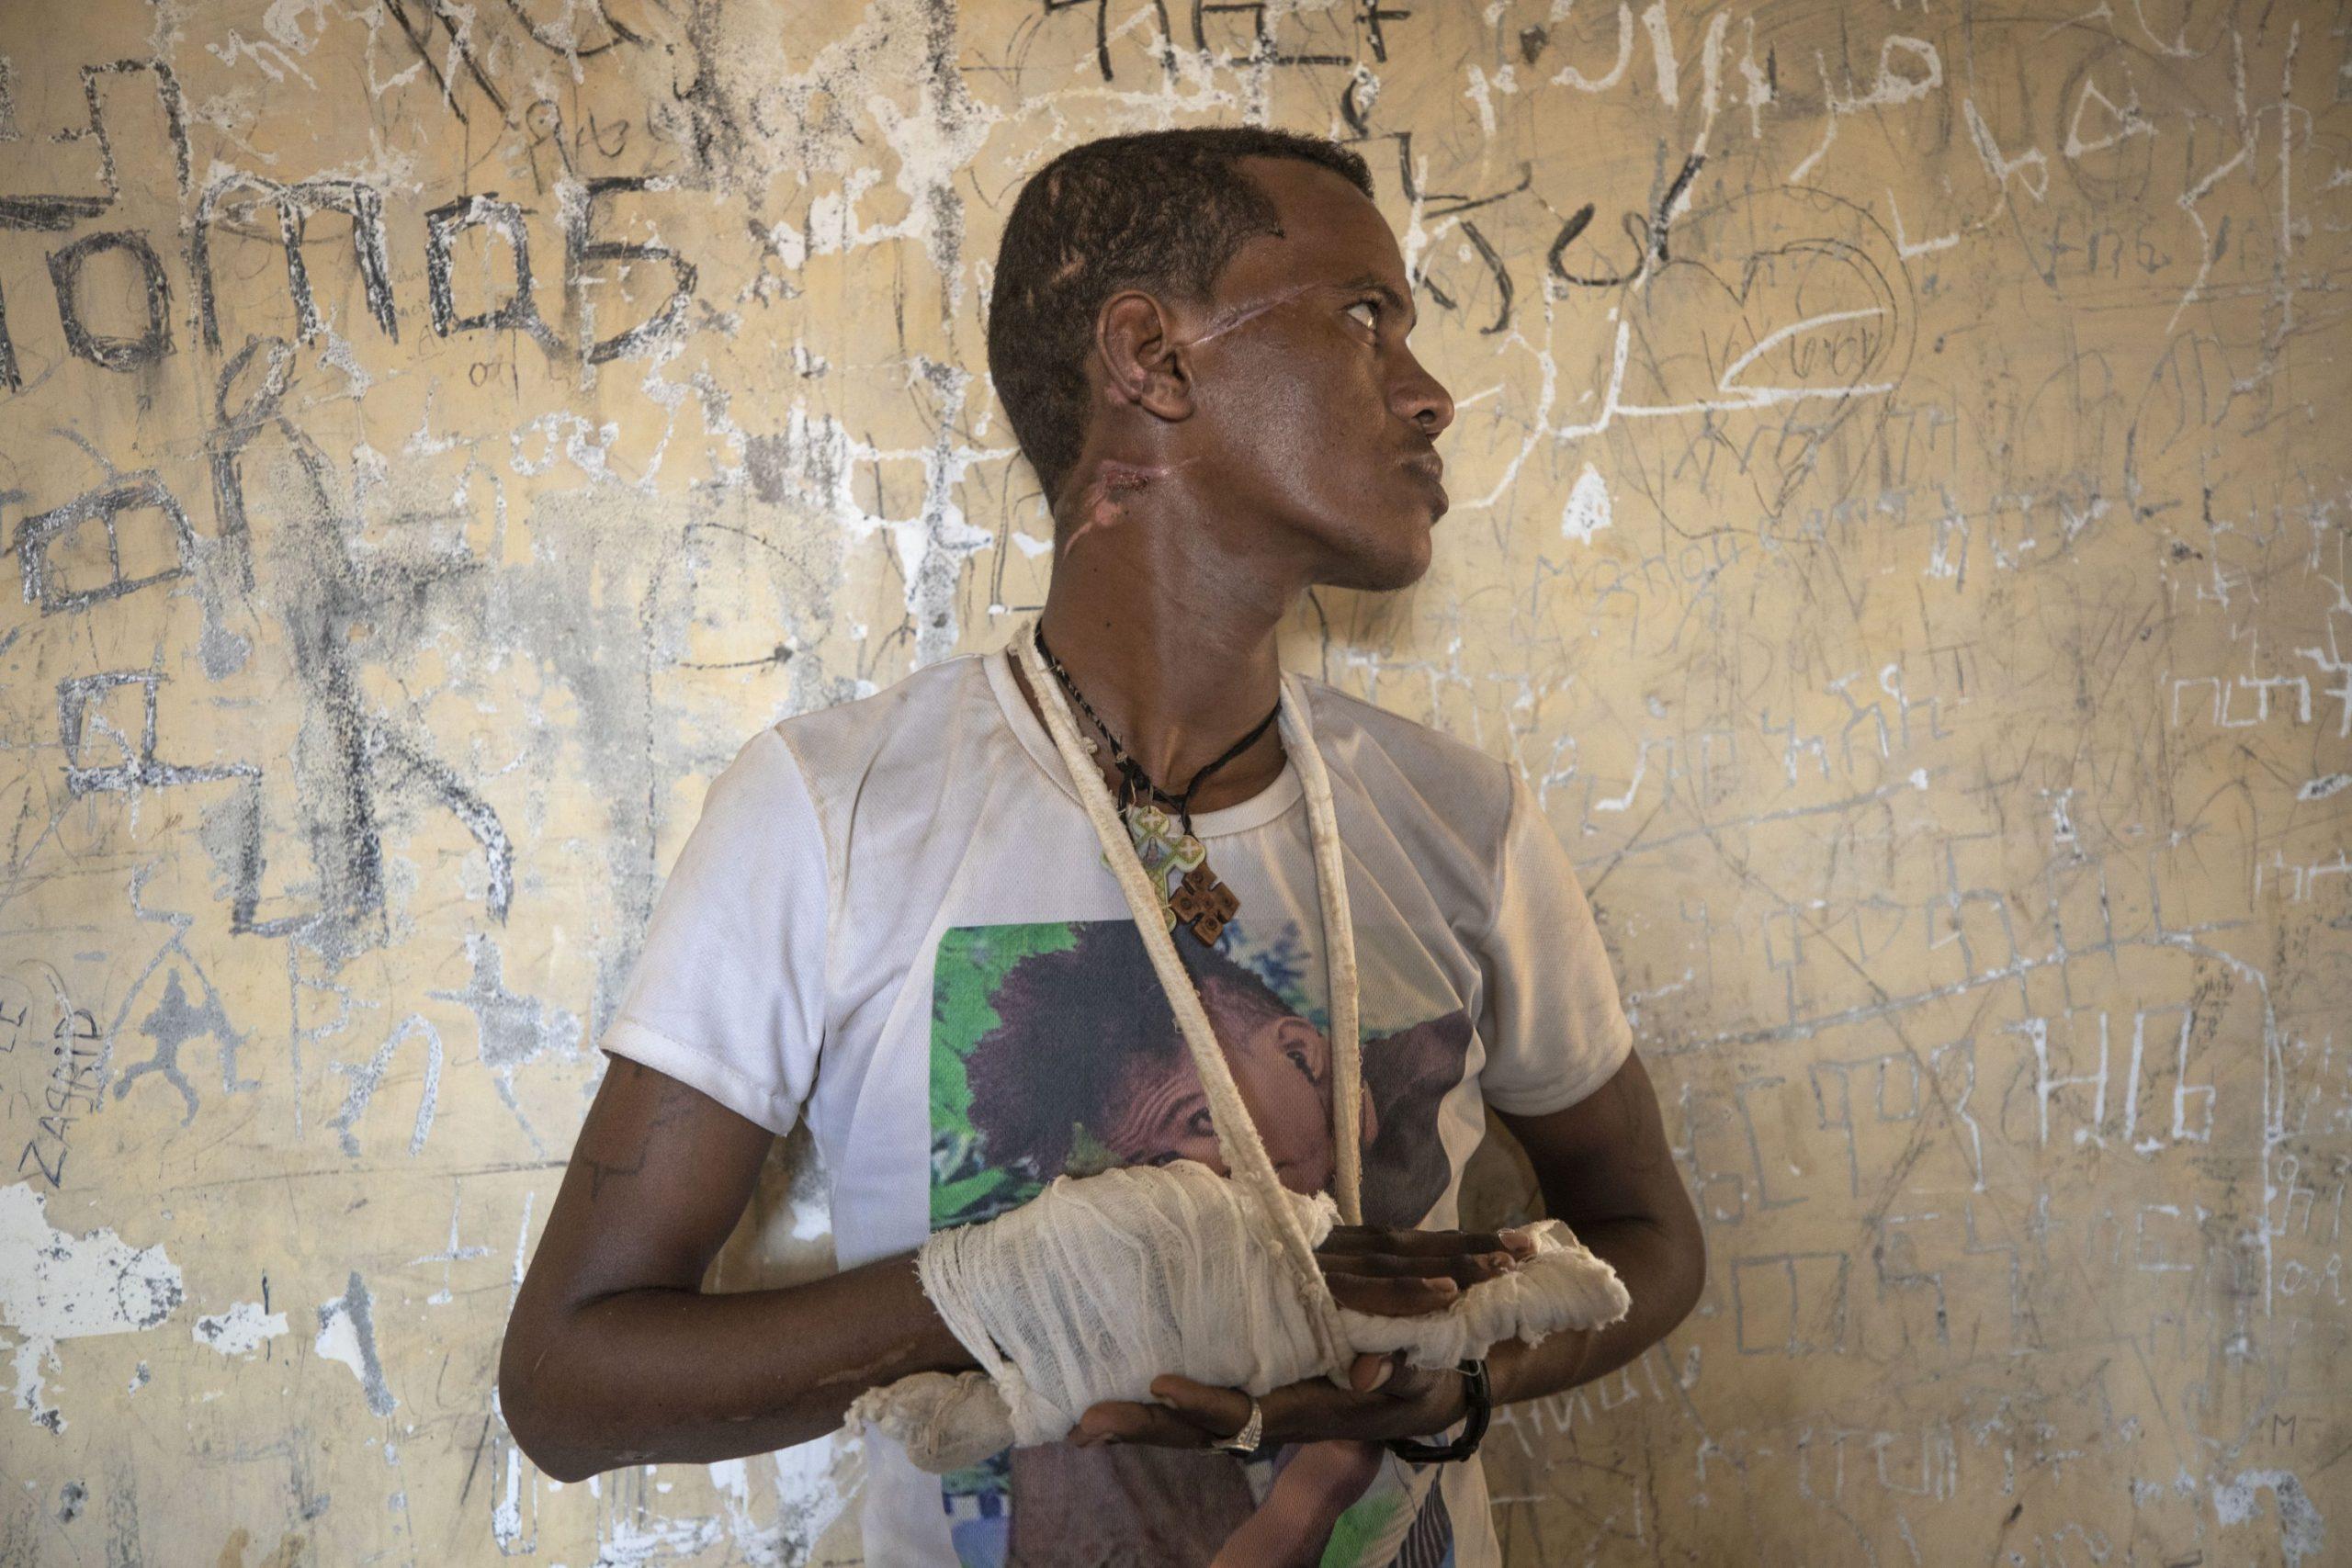 Growing terror in the conflict in Ethiopia